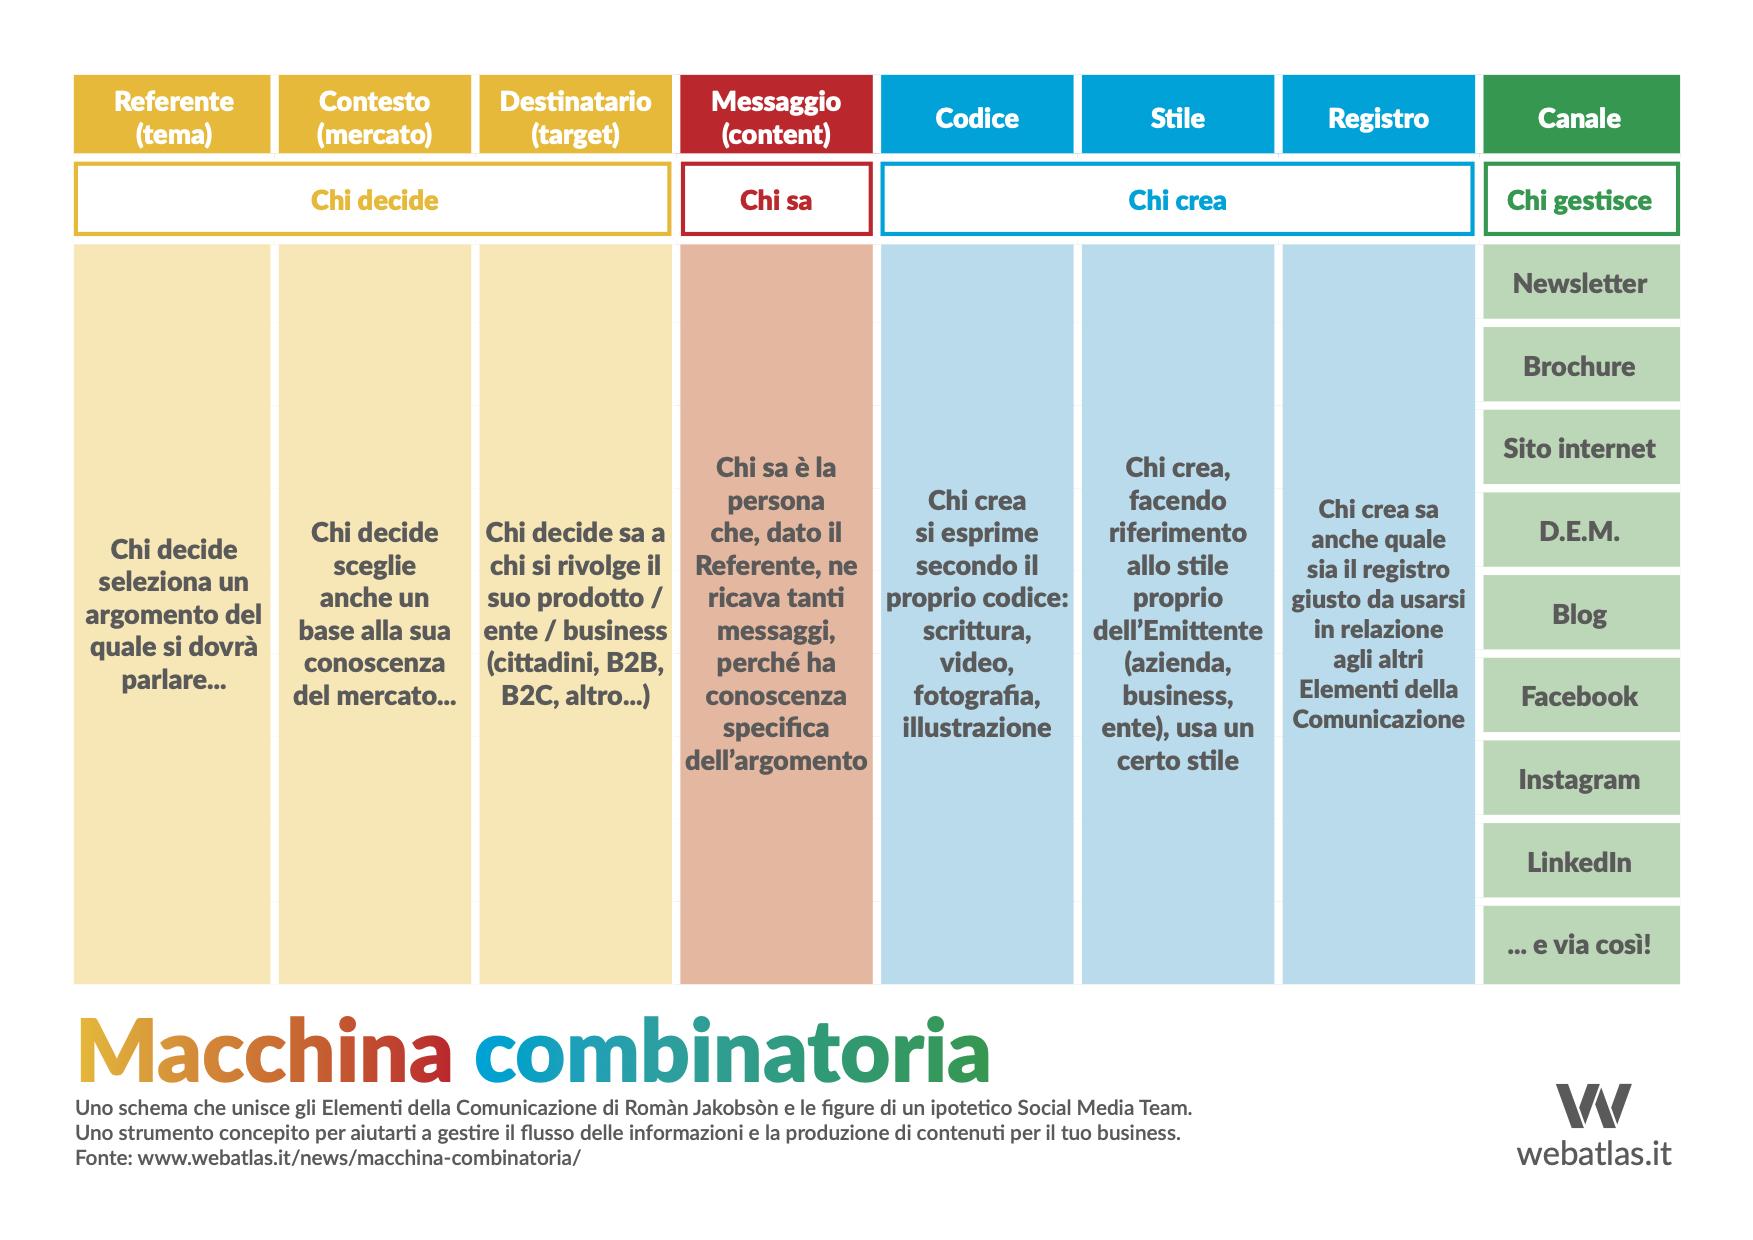 Immagine dello schema combinatorio per la produzione dei contenuti online e offline